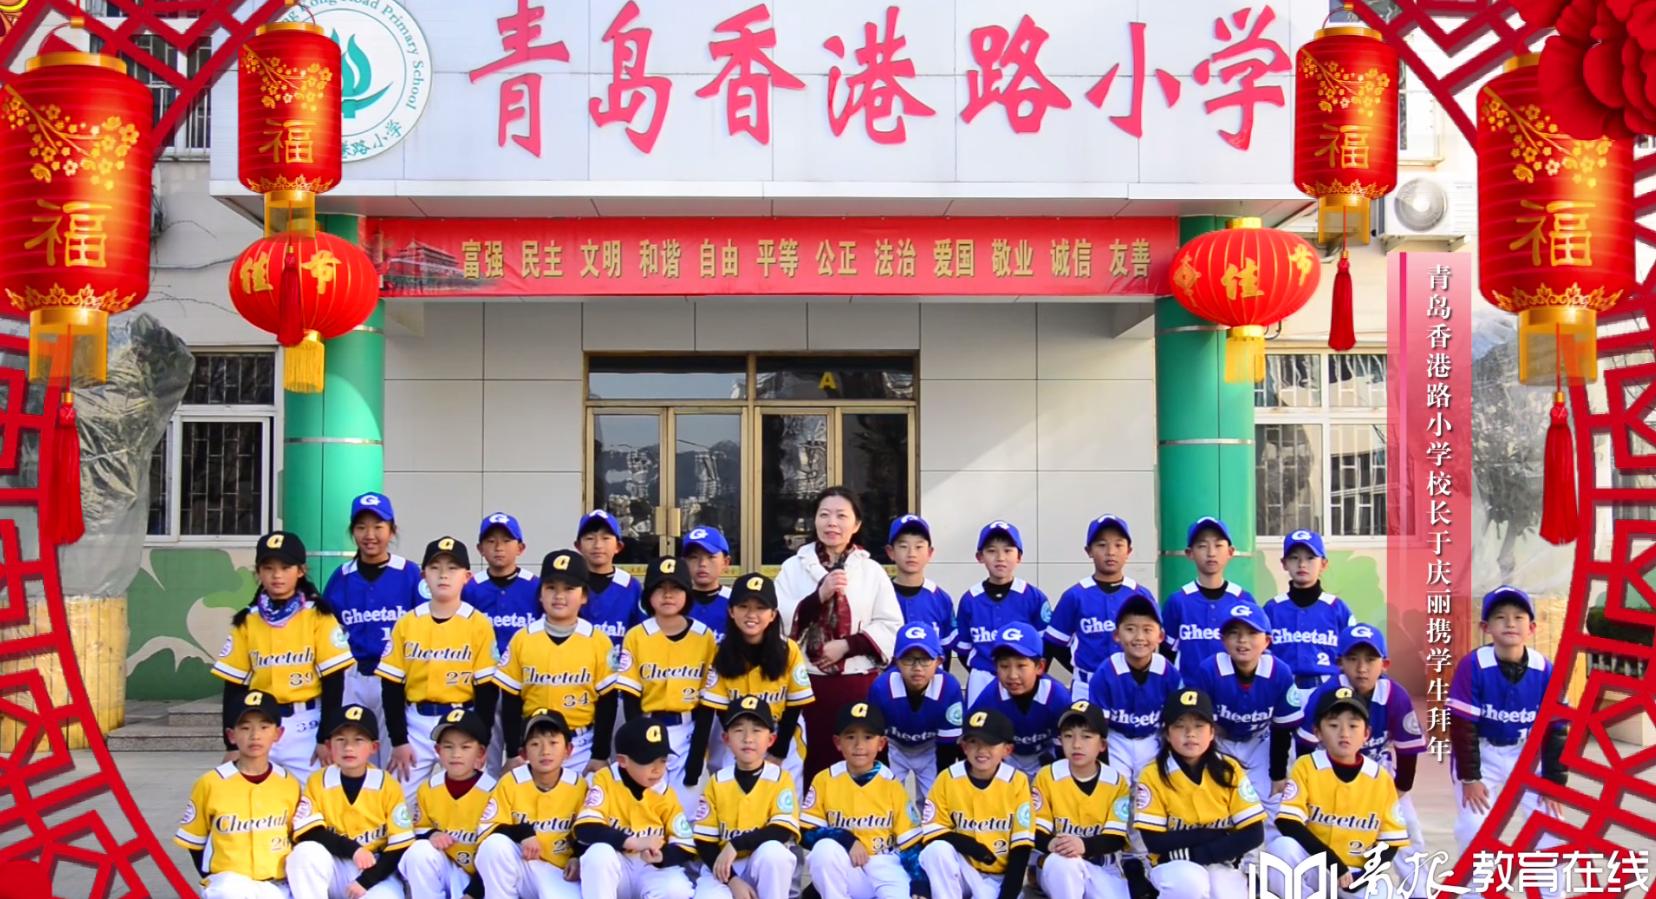 【视频】青岛香港路小学校长携校棒球队给您拜年啦!